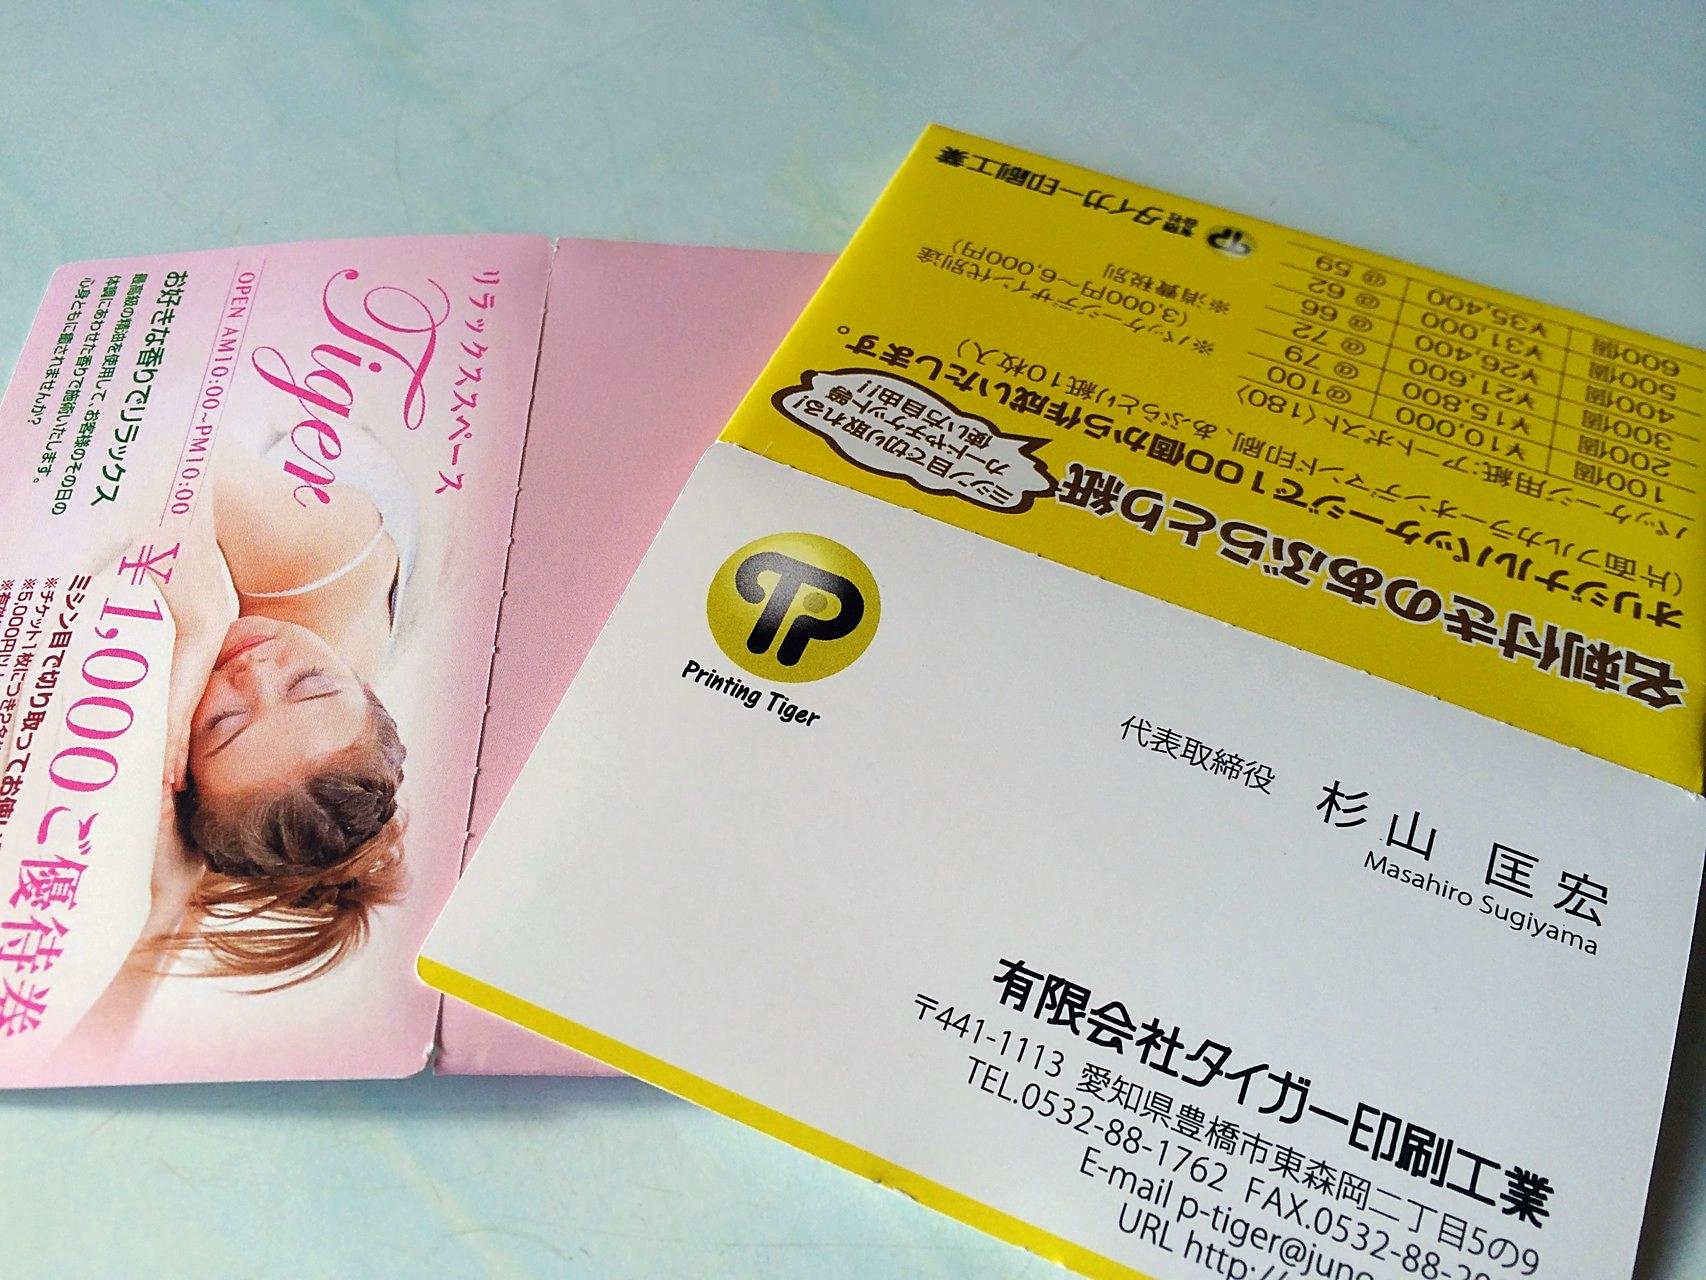 名刺・ショップカード・チケット・クーポン等、使い方自由!